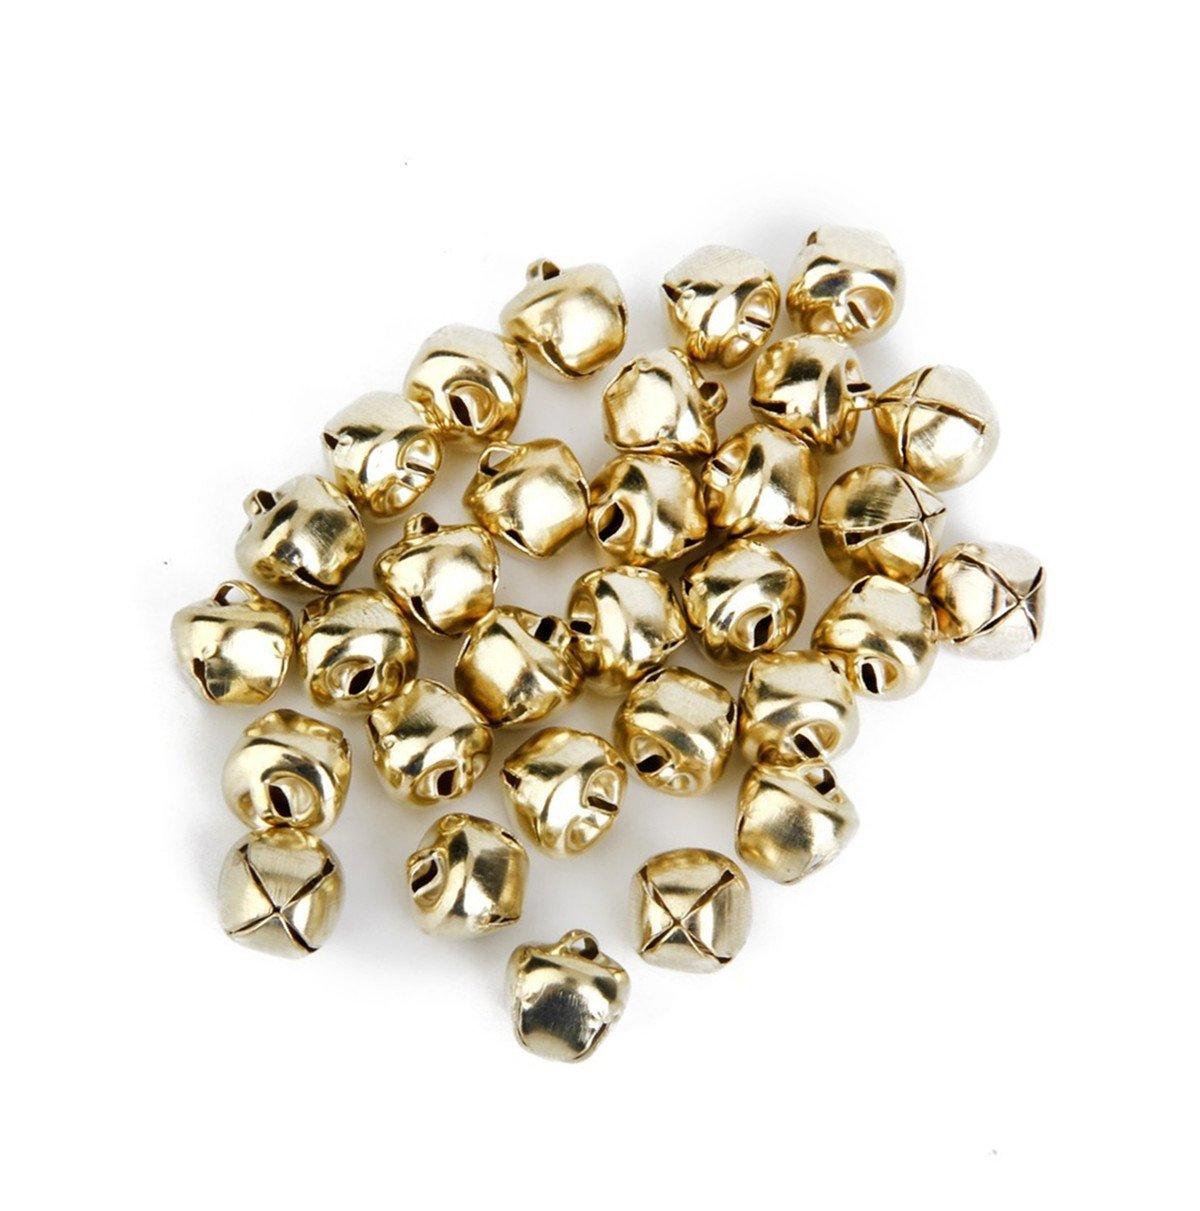 100 PCS Petites Clochettes Grelots en M/étal Jingle Bells pour No/ël//D/écoration de BByu Argent